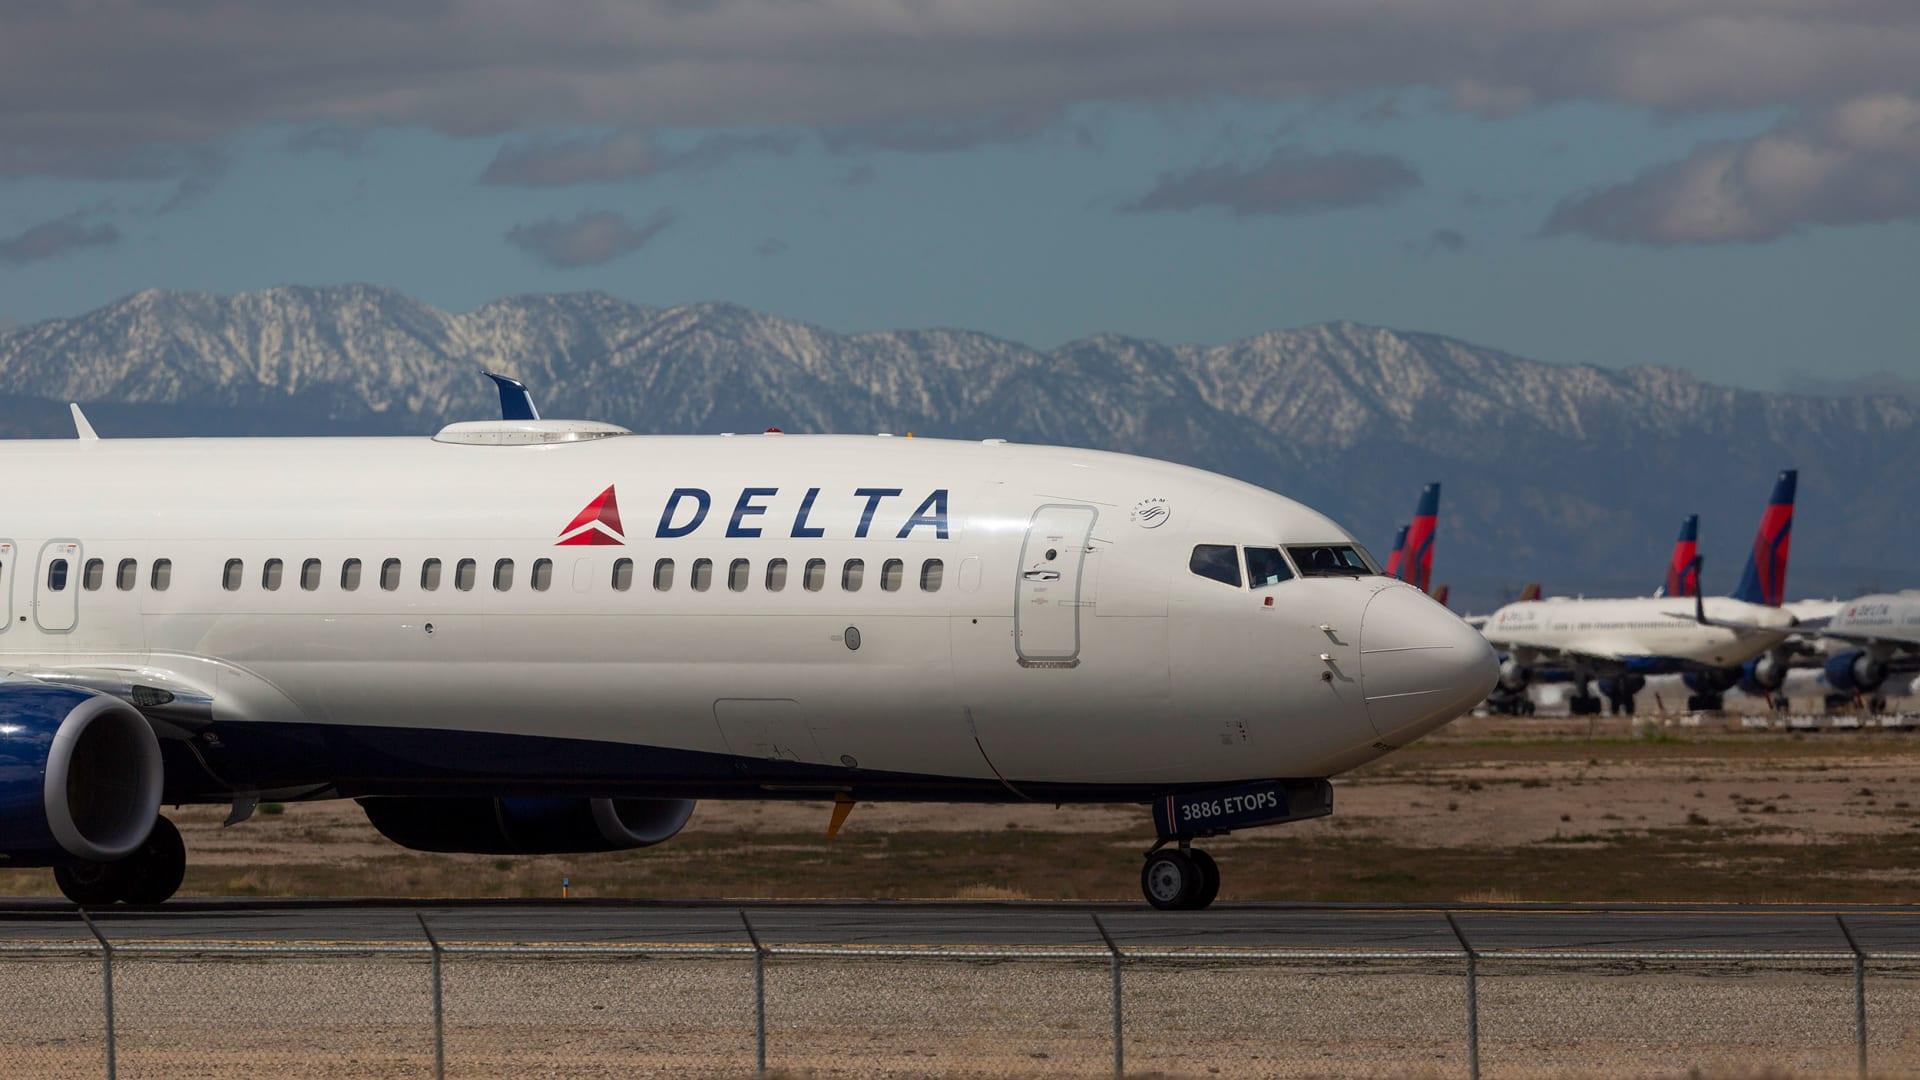 خطوط دلتا الجوية ستسرح حوالي 2000 طيّار بشكل مؤقت في أكتوبر